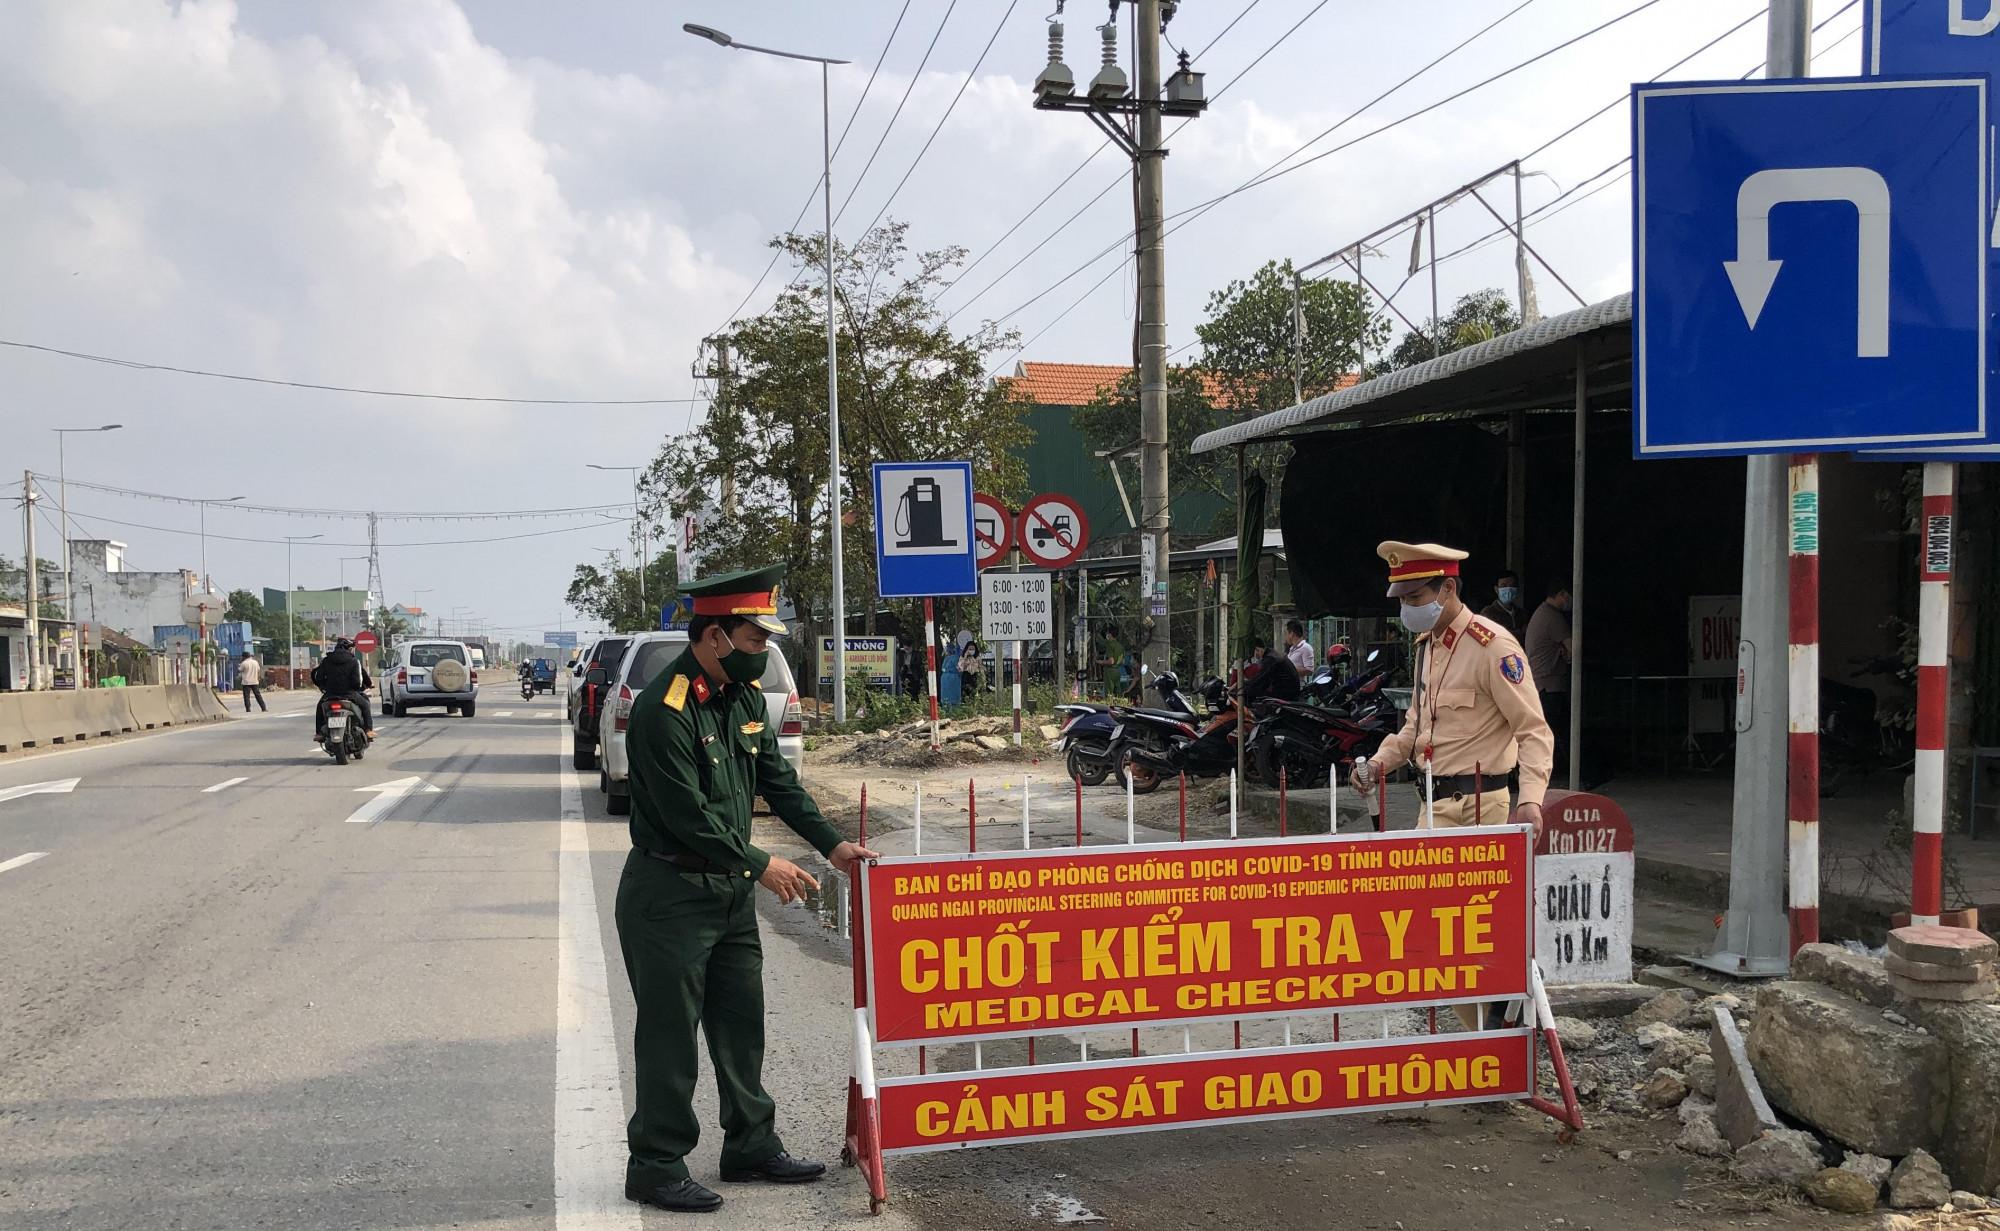 Quảng Ngãi tái lập chốt kiểm tra y tế, tạm dừng hoạt động các phương tiện vận tải hành khách cố định và hợp đồng tuyến Quảng Ngãi - Đà Nẵng và ngược lại